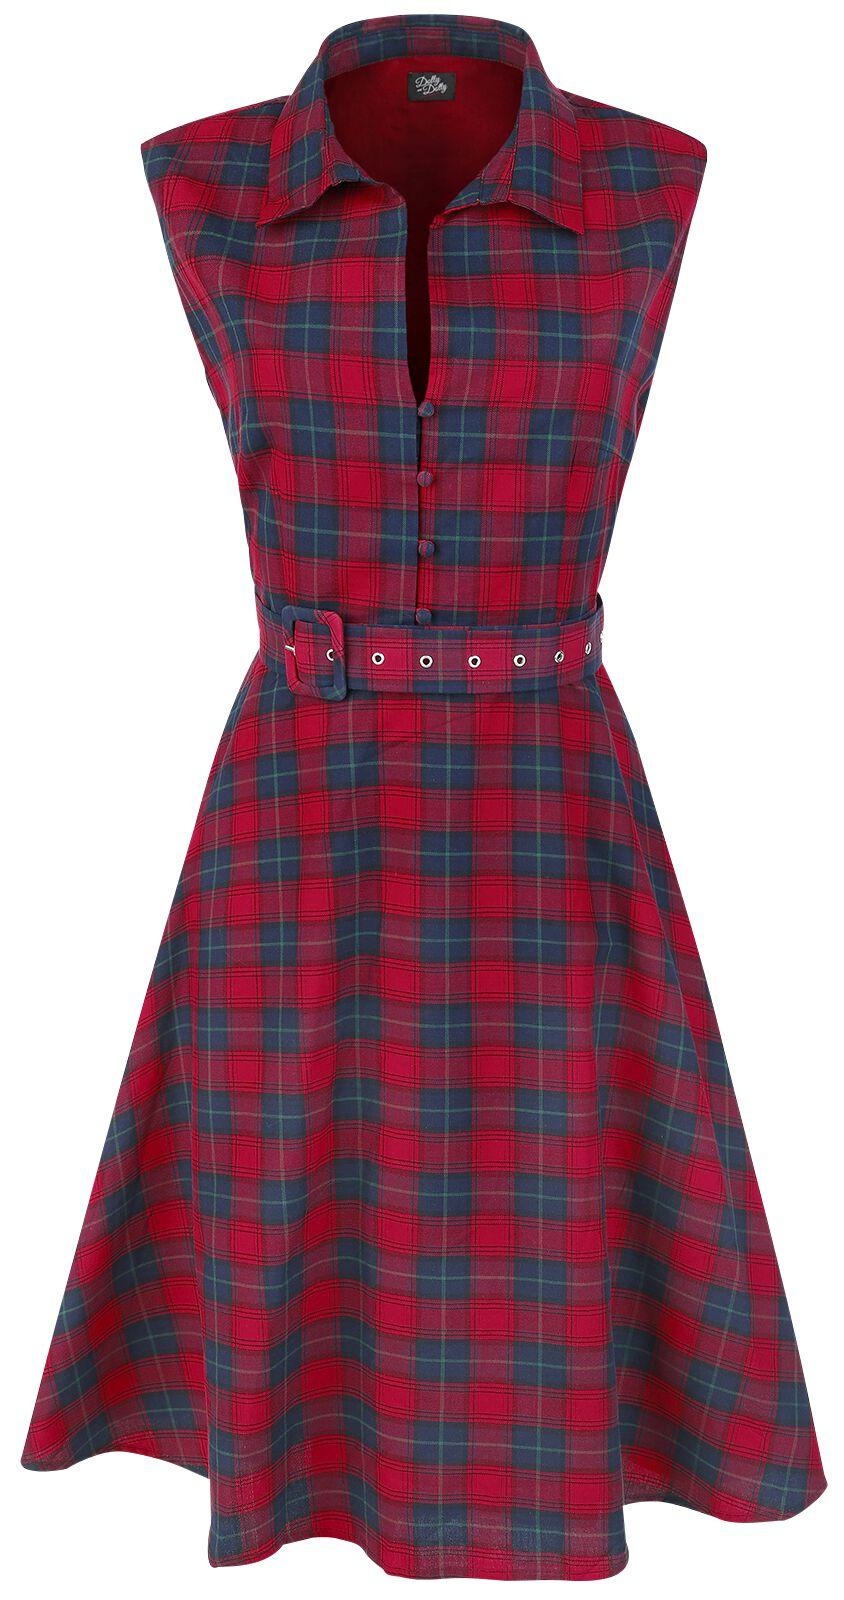 Marki - Sukienki - Sukienka Dolly and Dotty Tartan Dress Sukienka niebieski/czerwony - 331223